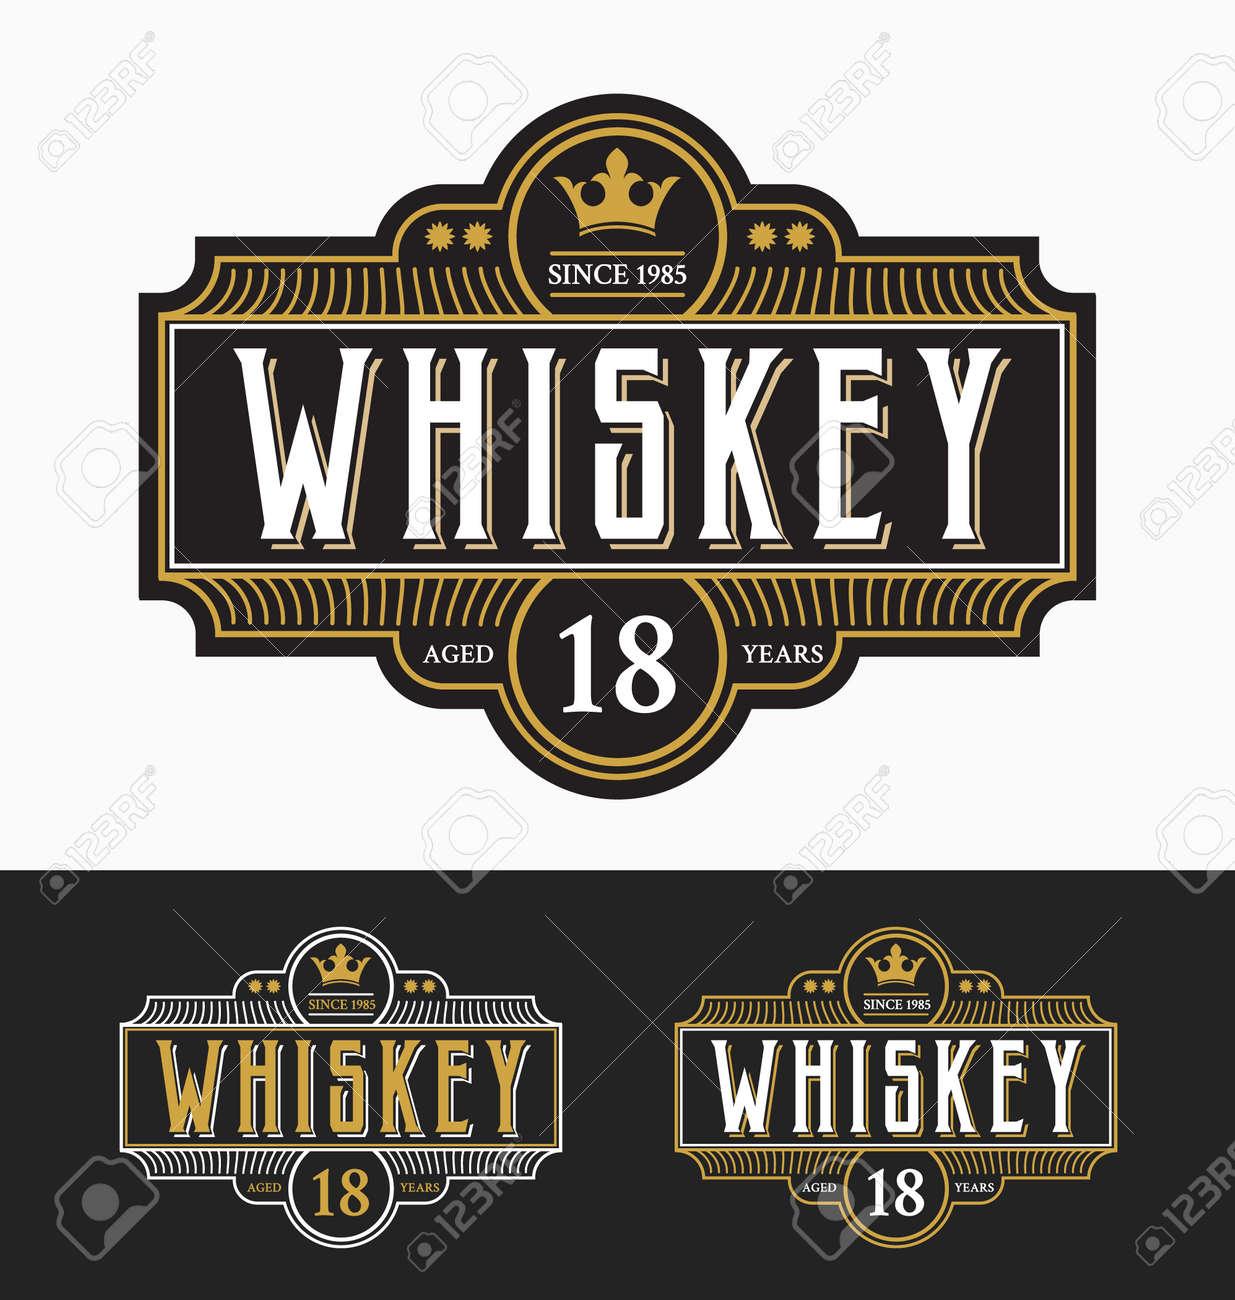 Vintage frame label design. Suitable for Whiskey and Wine label, Restaurant, Beer label. - 46957628